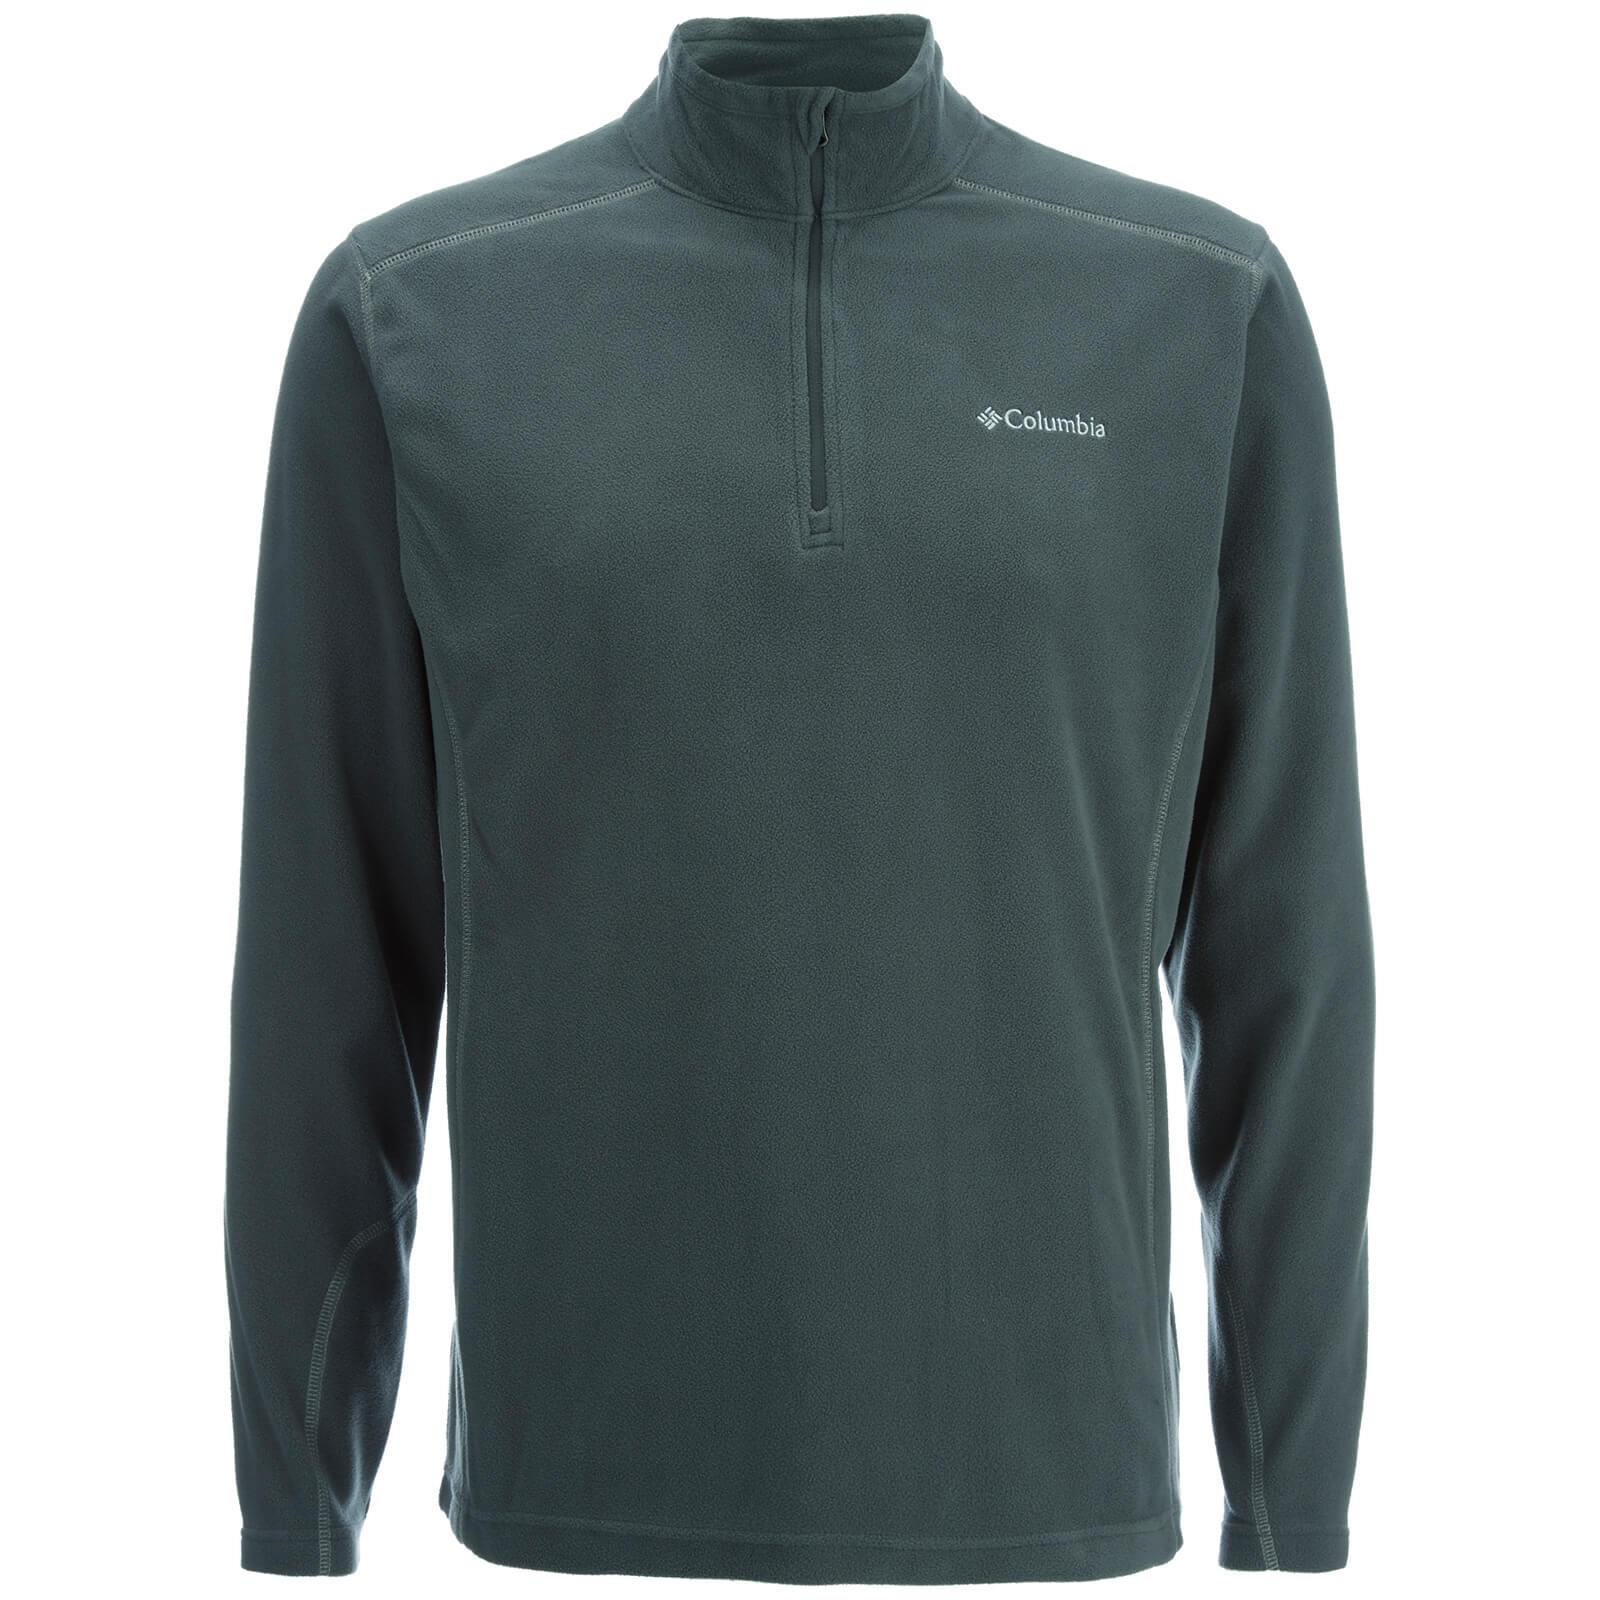 Columbia Men's Klamath Range 2 Half Zip Fleece - Grill - L - Grey